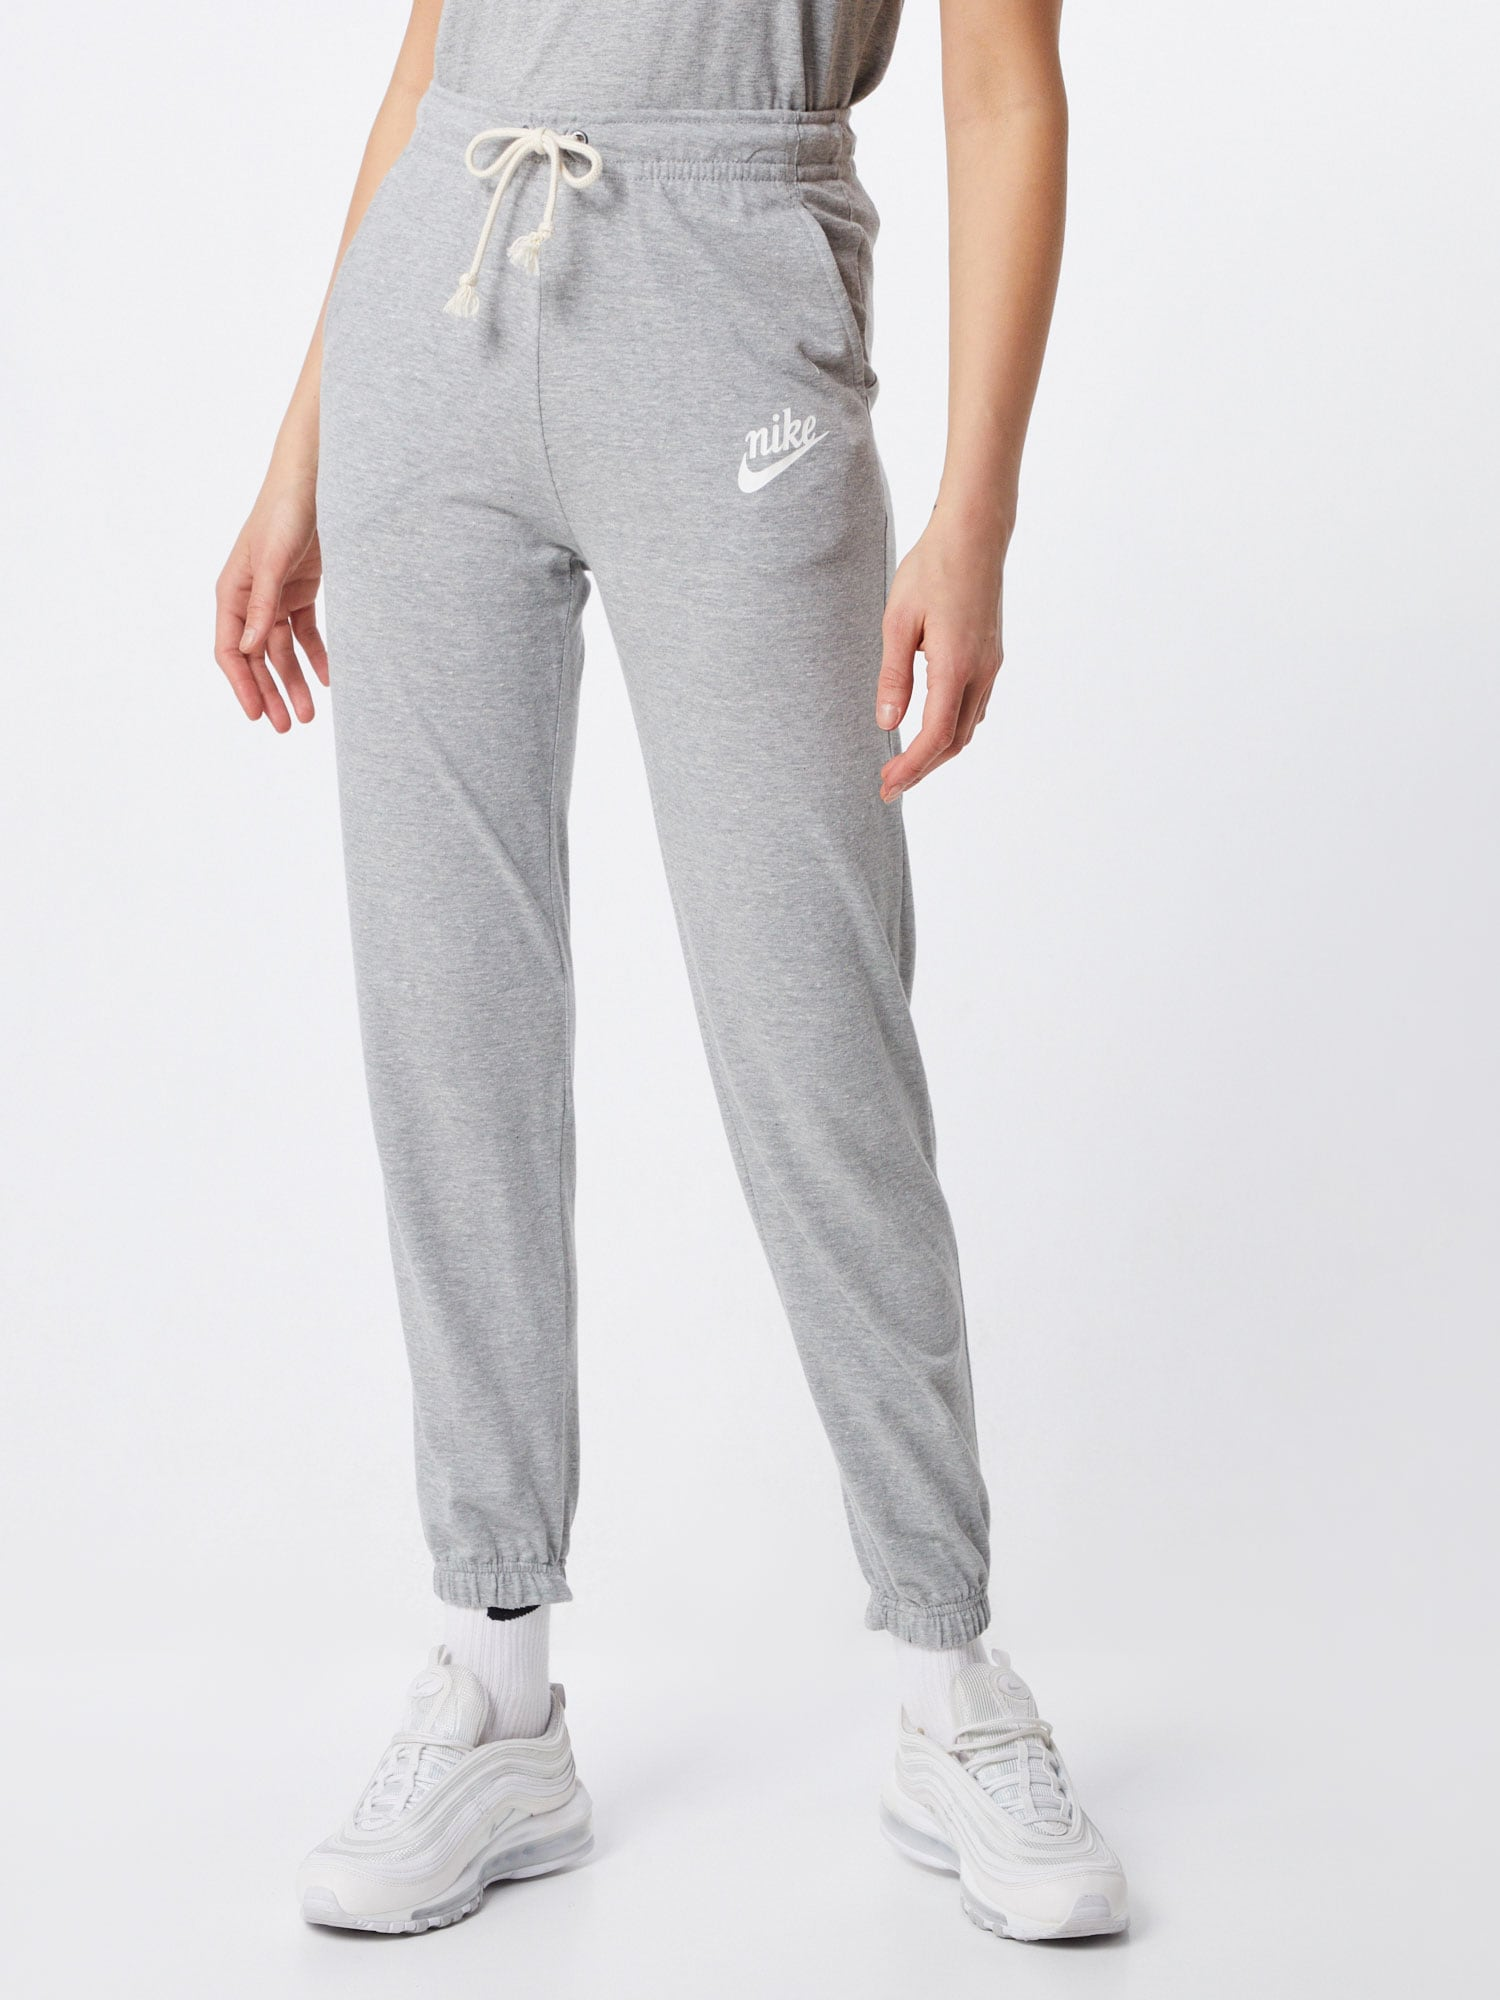 nike sportswear - Hose 'W NSW GYM VNTG PANT'